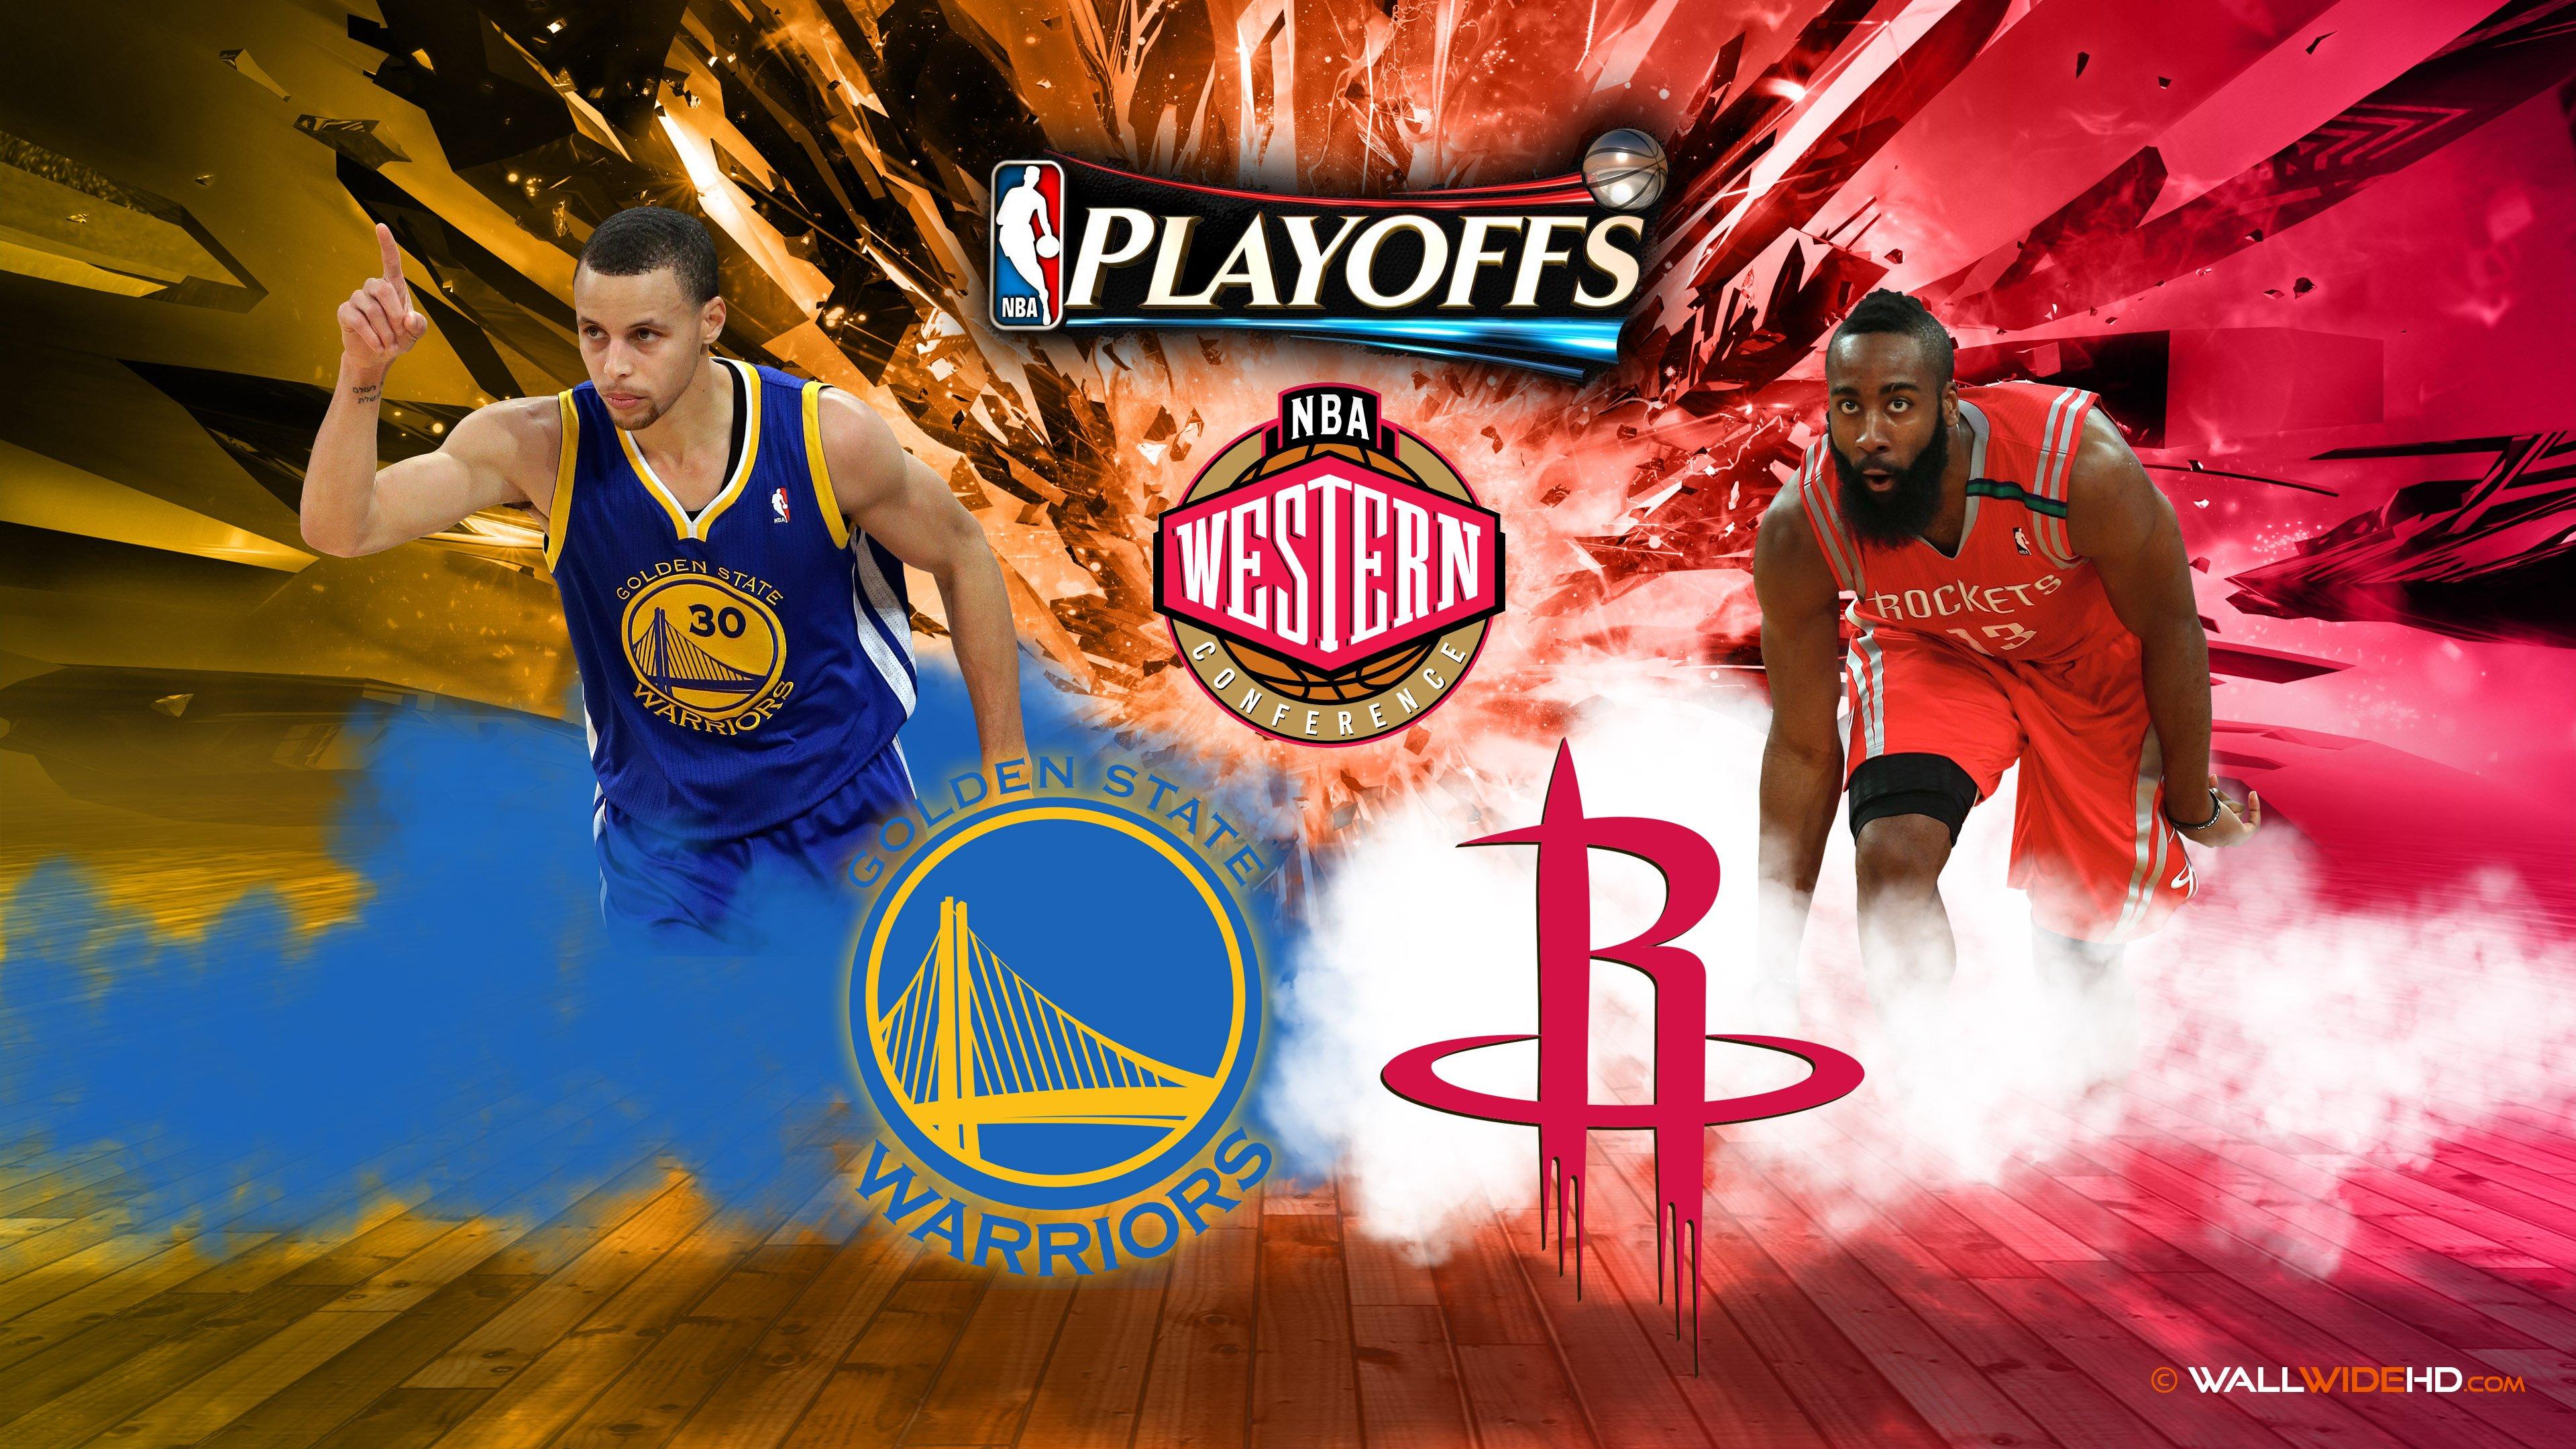 Golden state warriors nba basketball poster houston - Golden state warriors wallpaper 2017 ...